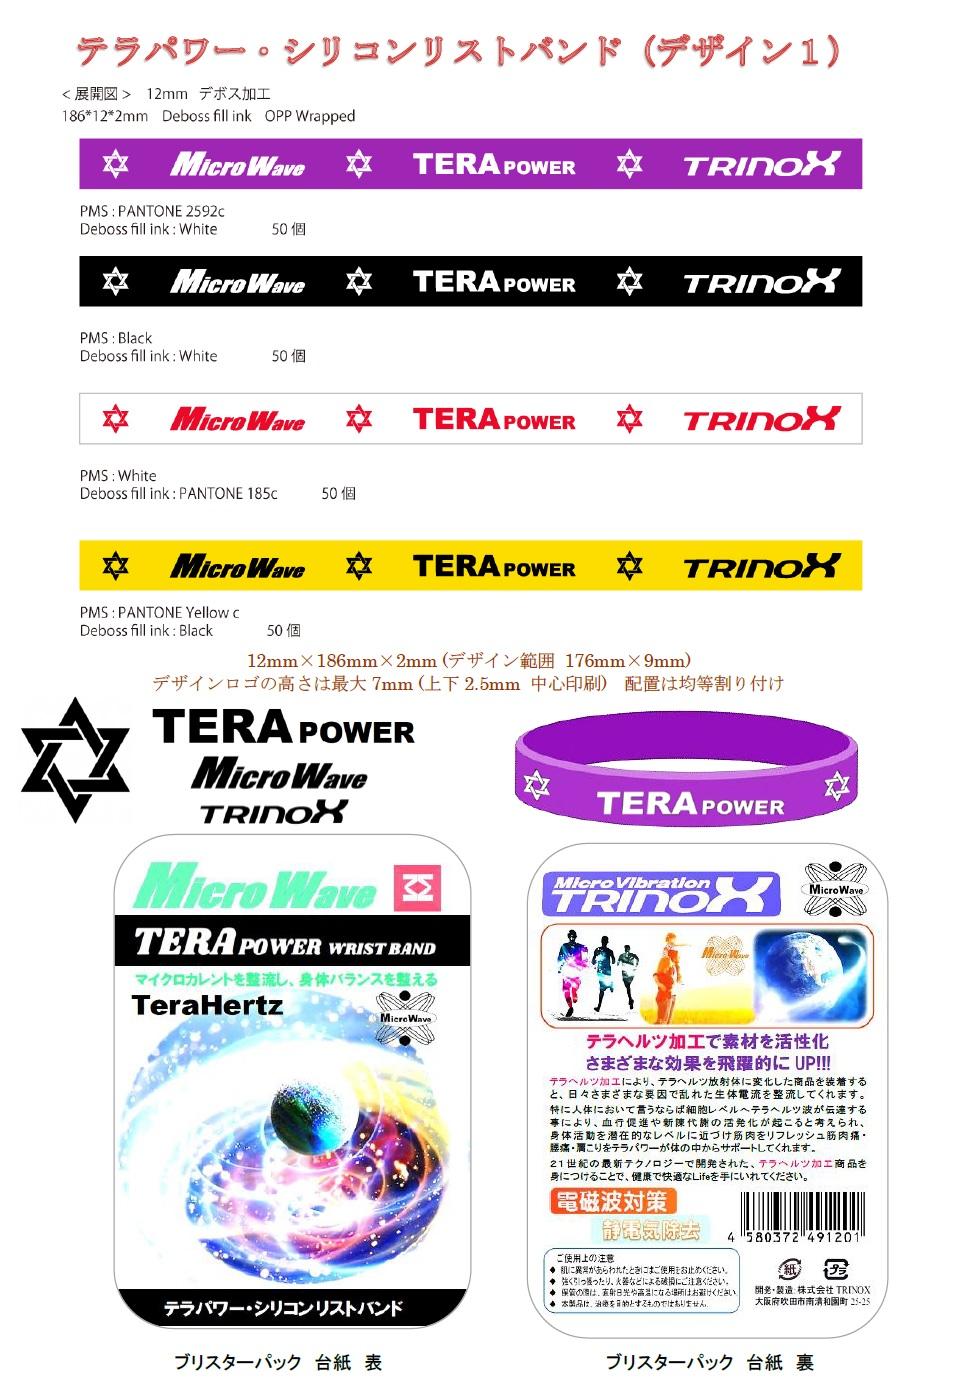 テラパワー・シリコンリストバンド(デザイン1)